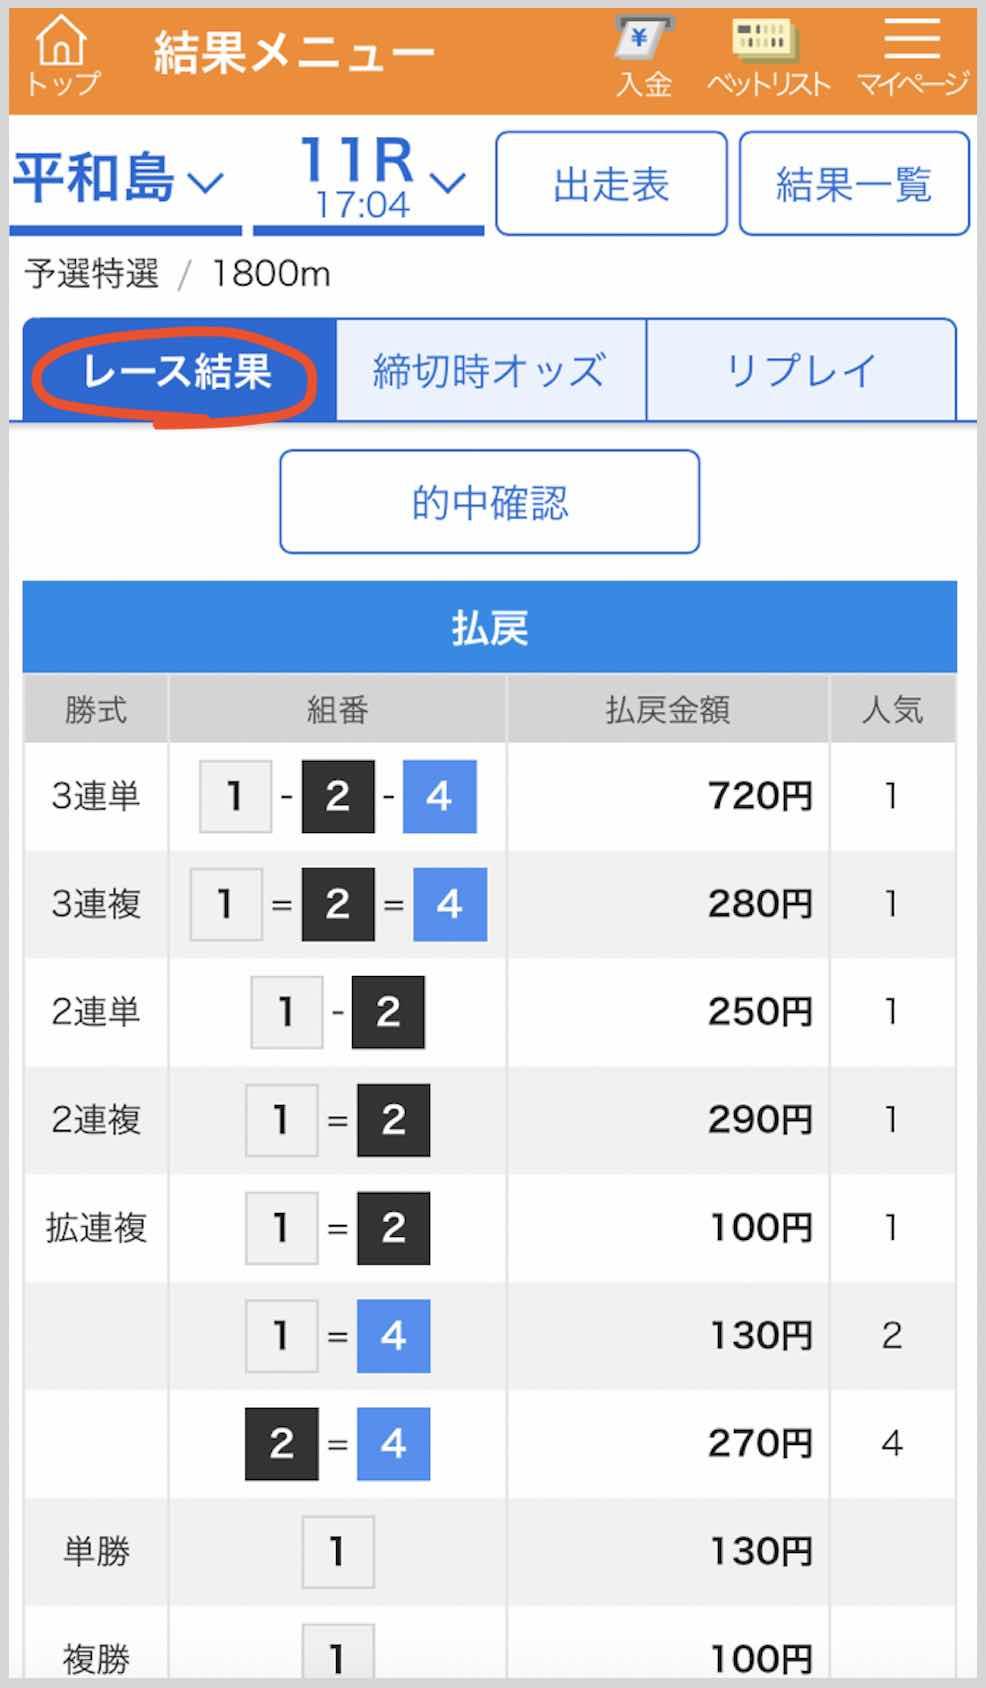 競艇ボートレースの舟券をネットで買う、競艇ボートレース投票サイトで見たレース結果